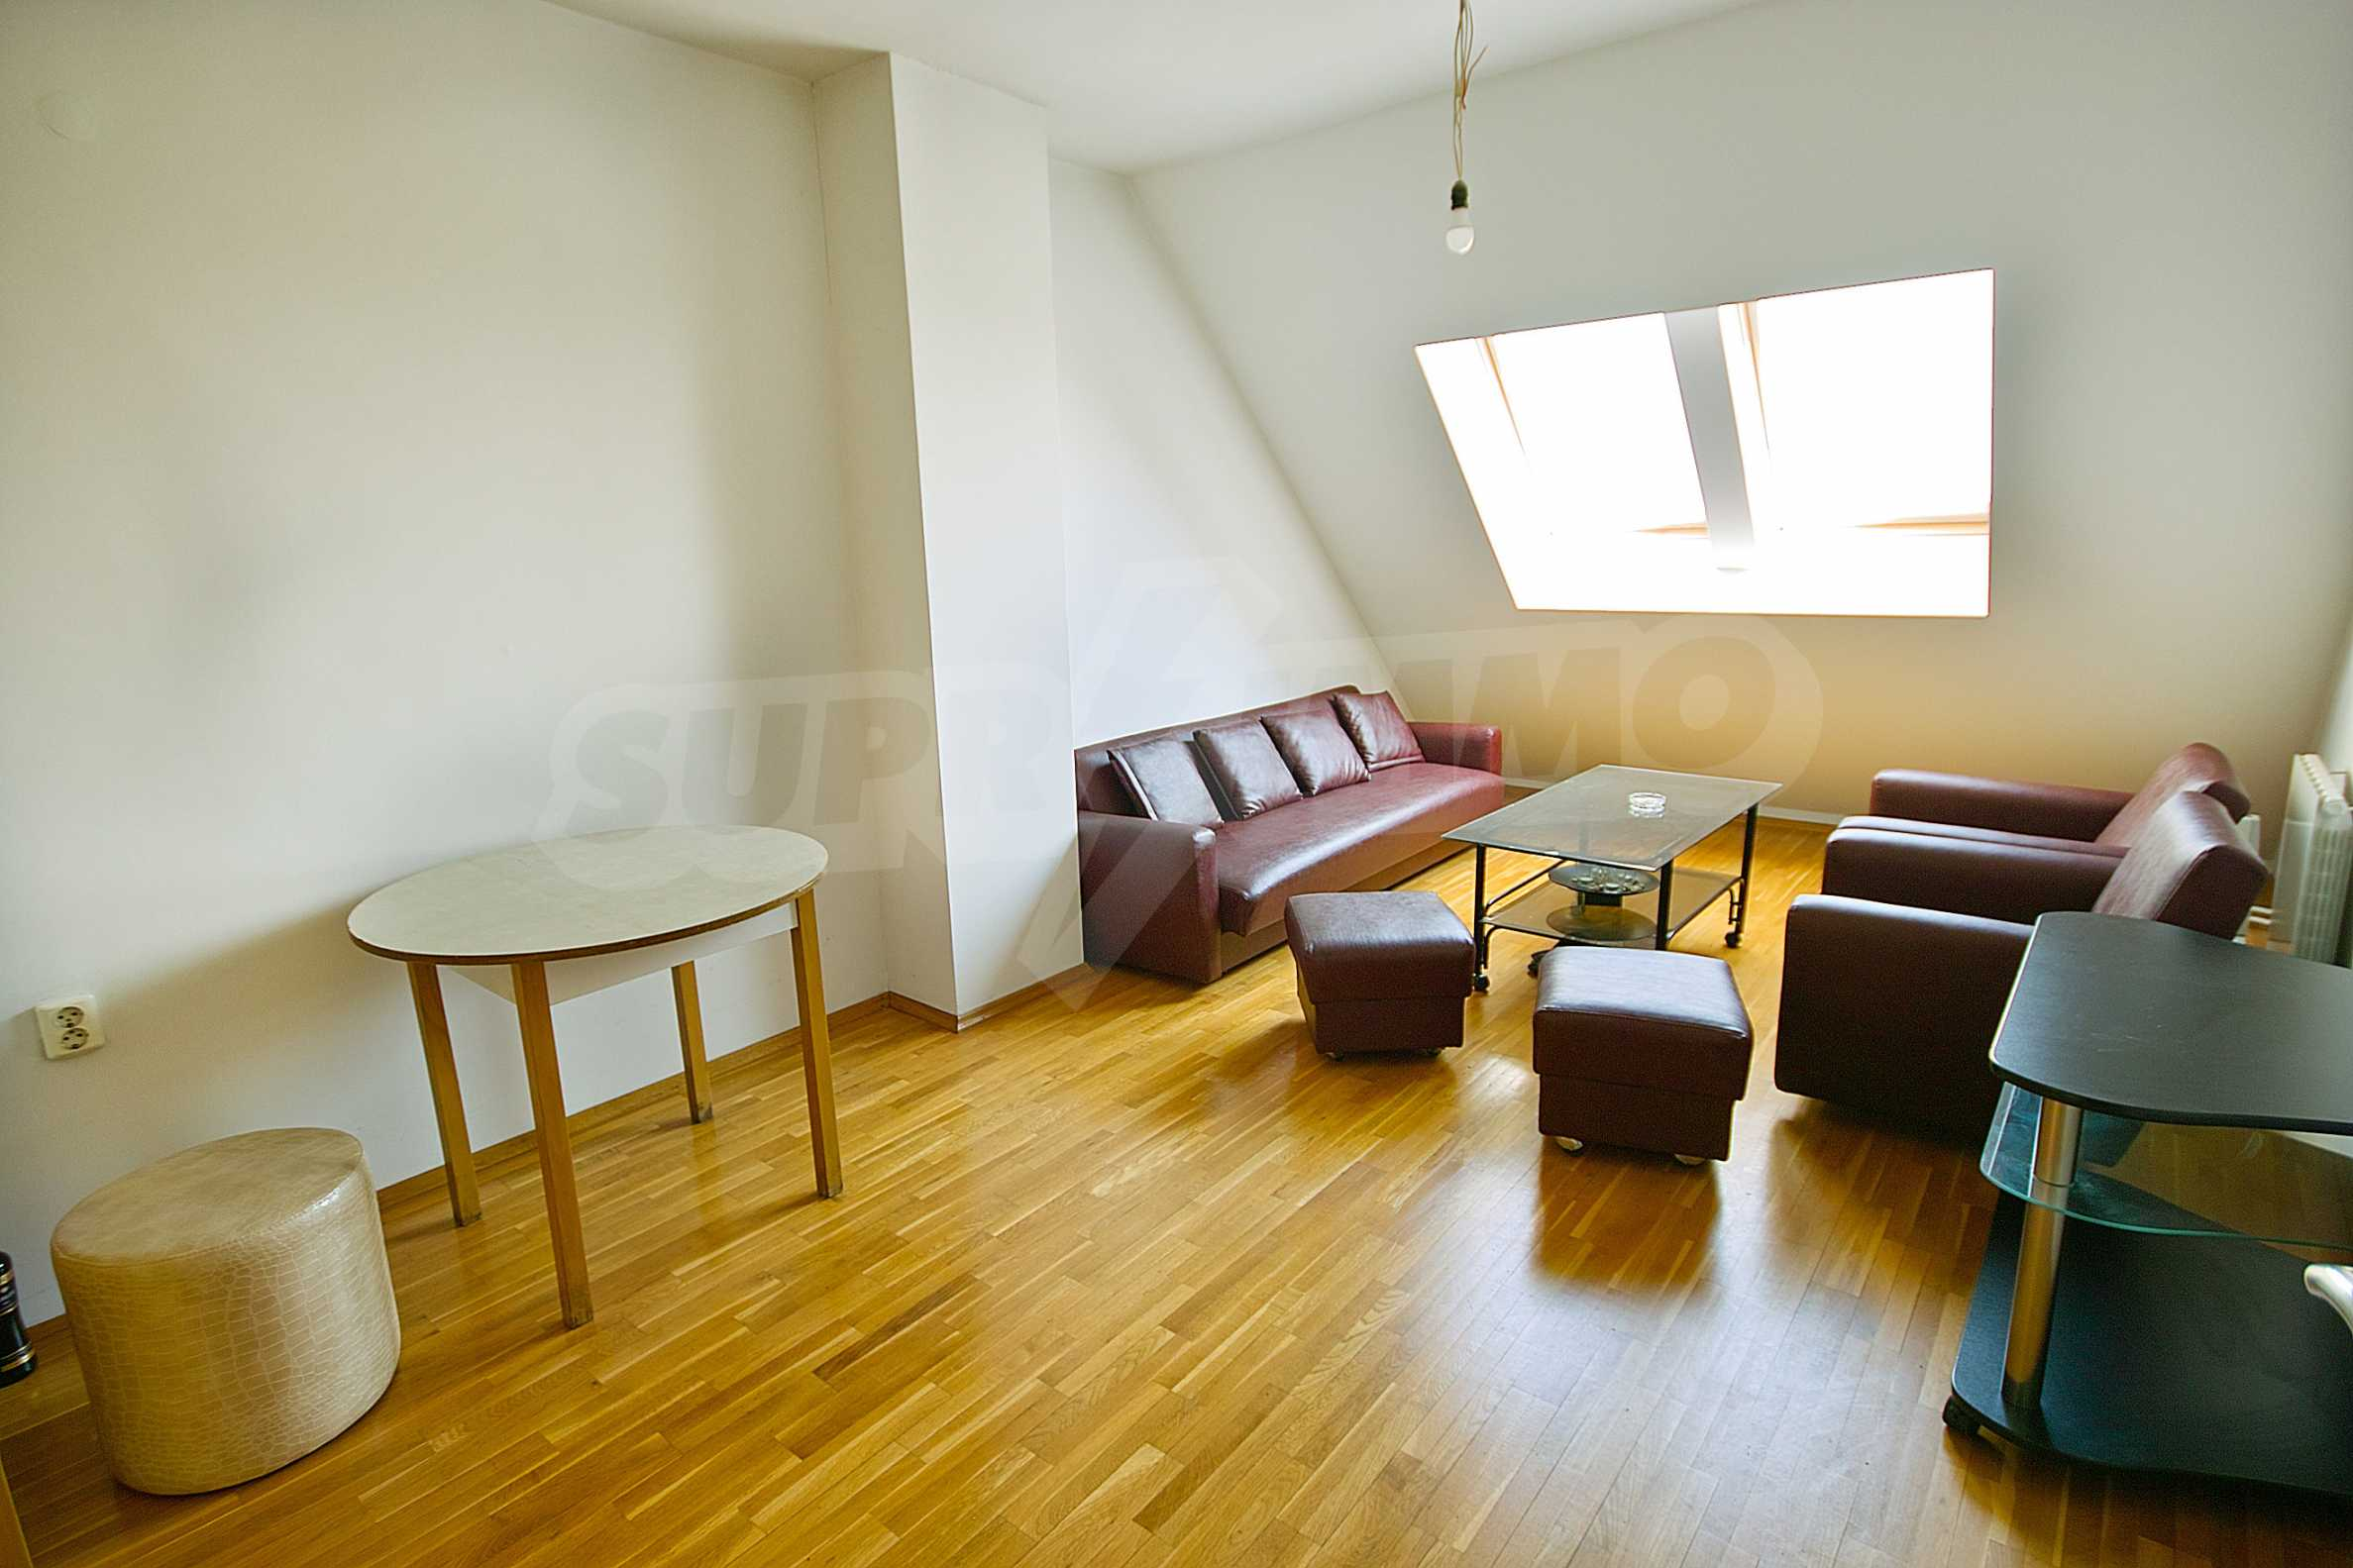 Wohnung zu vermieten in Lyulin-3 Bezirk neben der U-Bahn 2